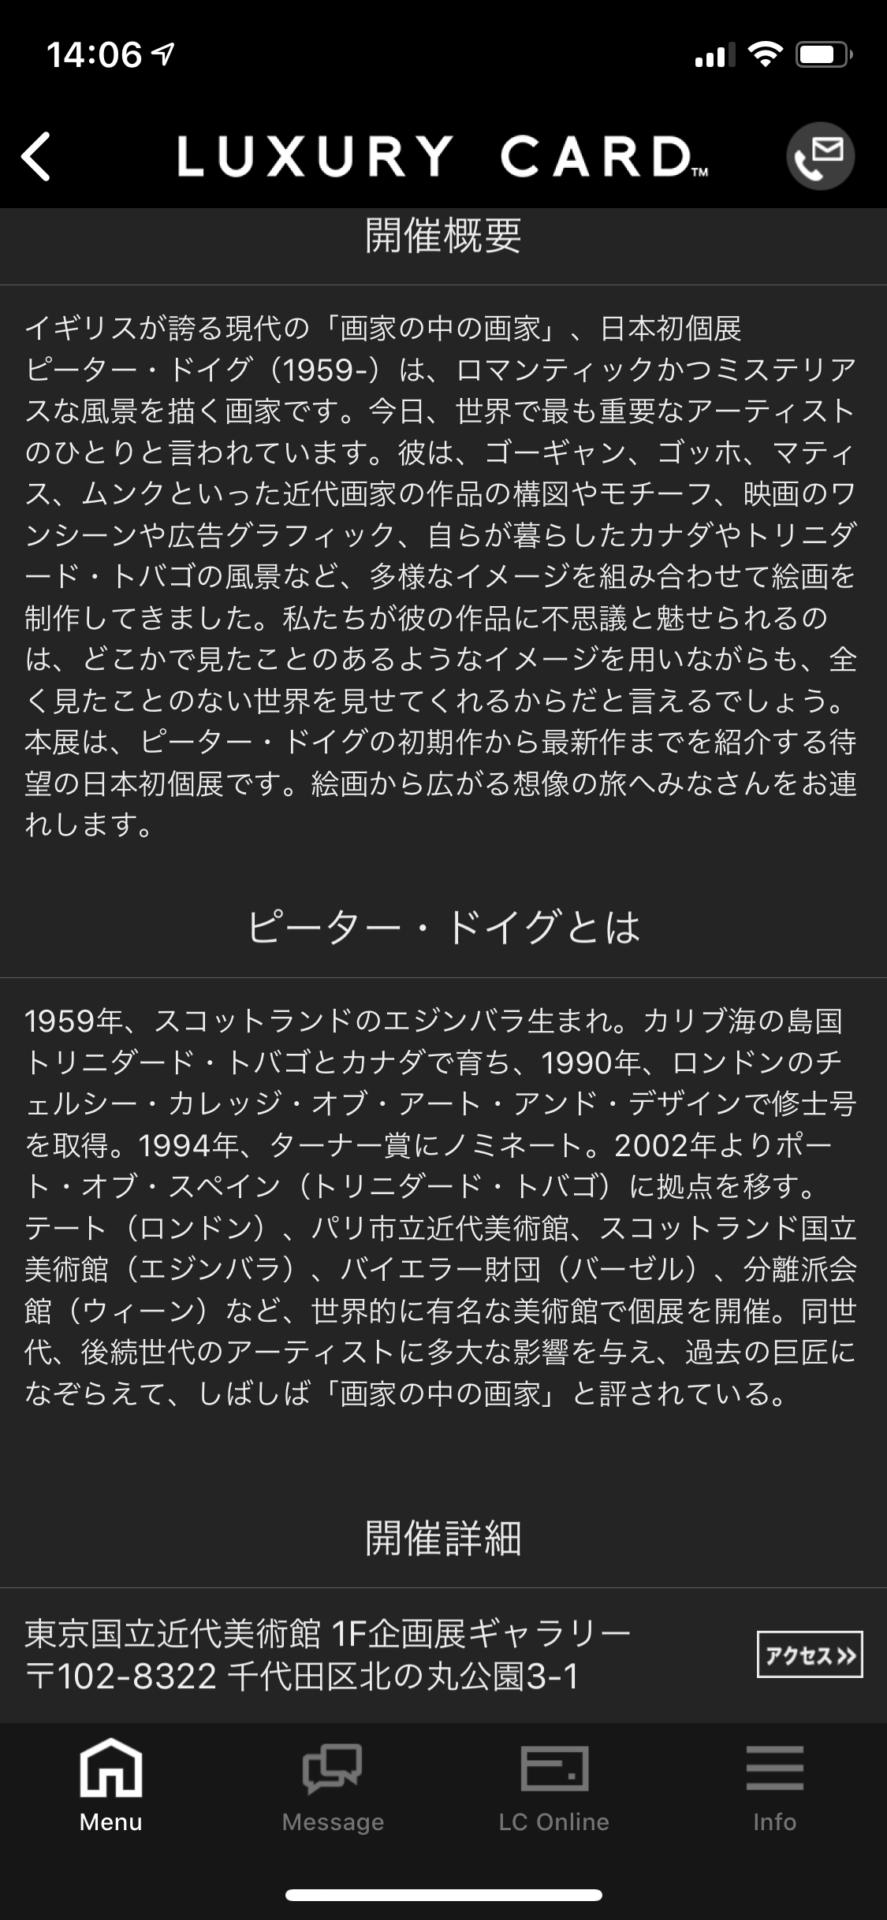 東京国立近代美術館のピーター・ドイグ展 (2)